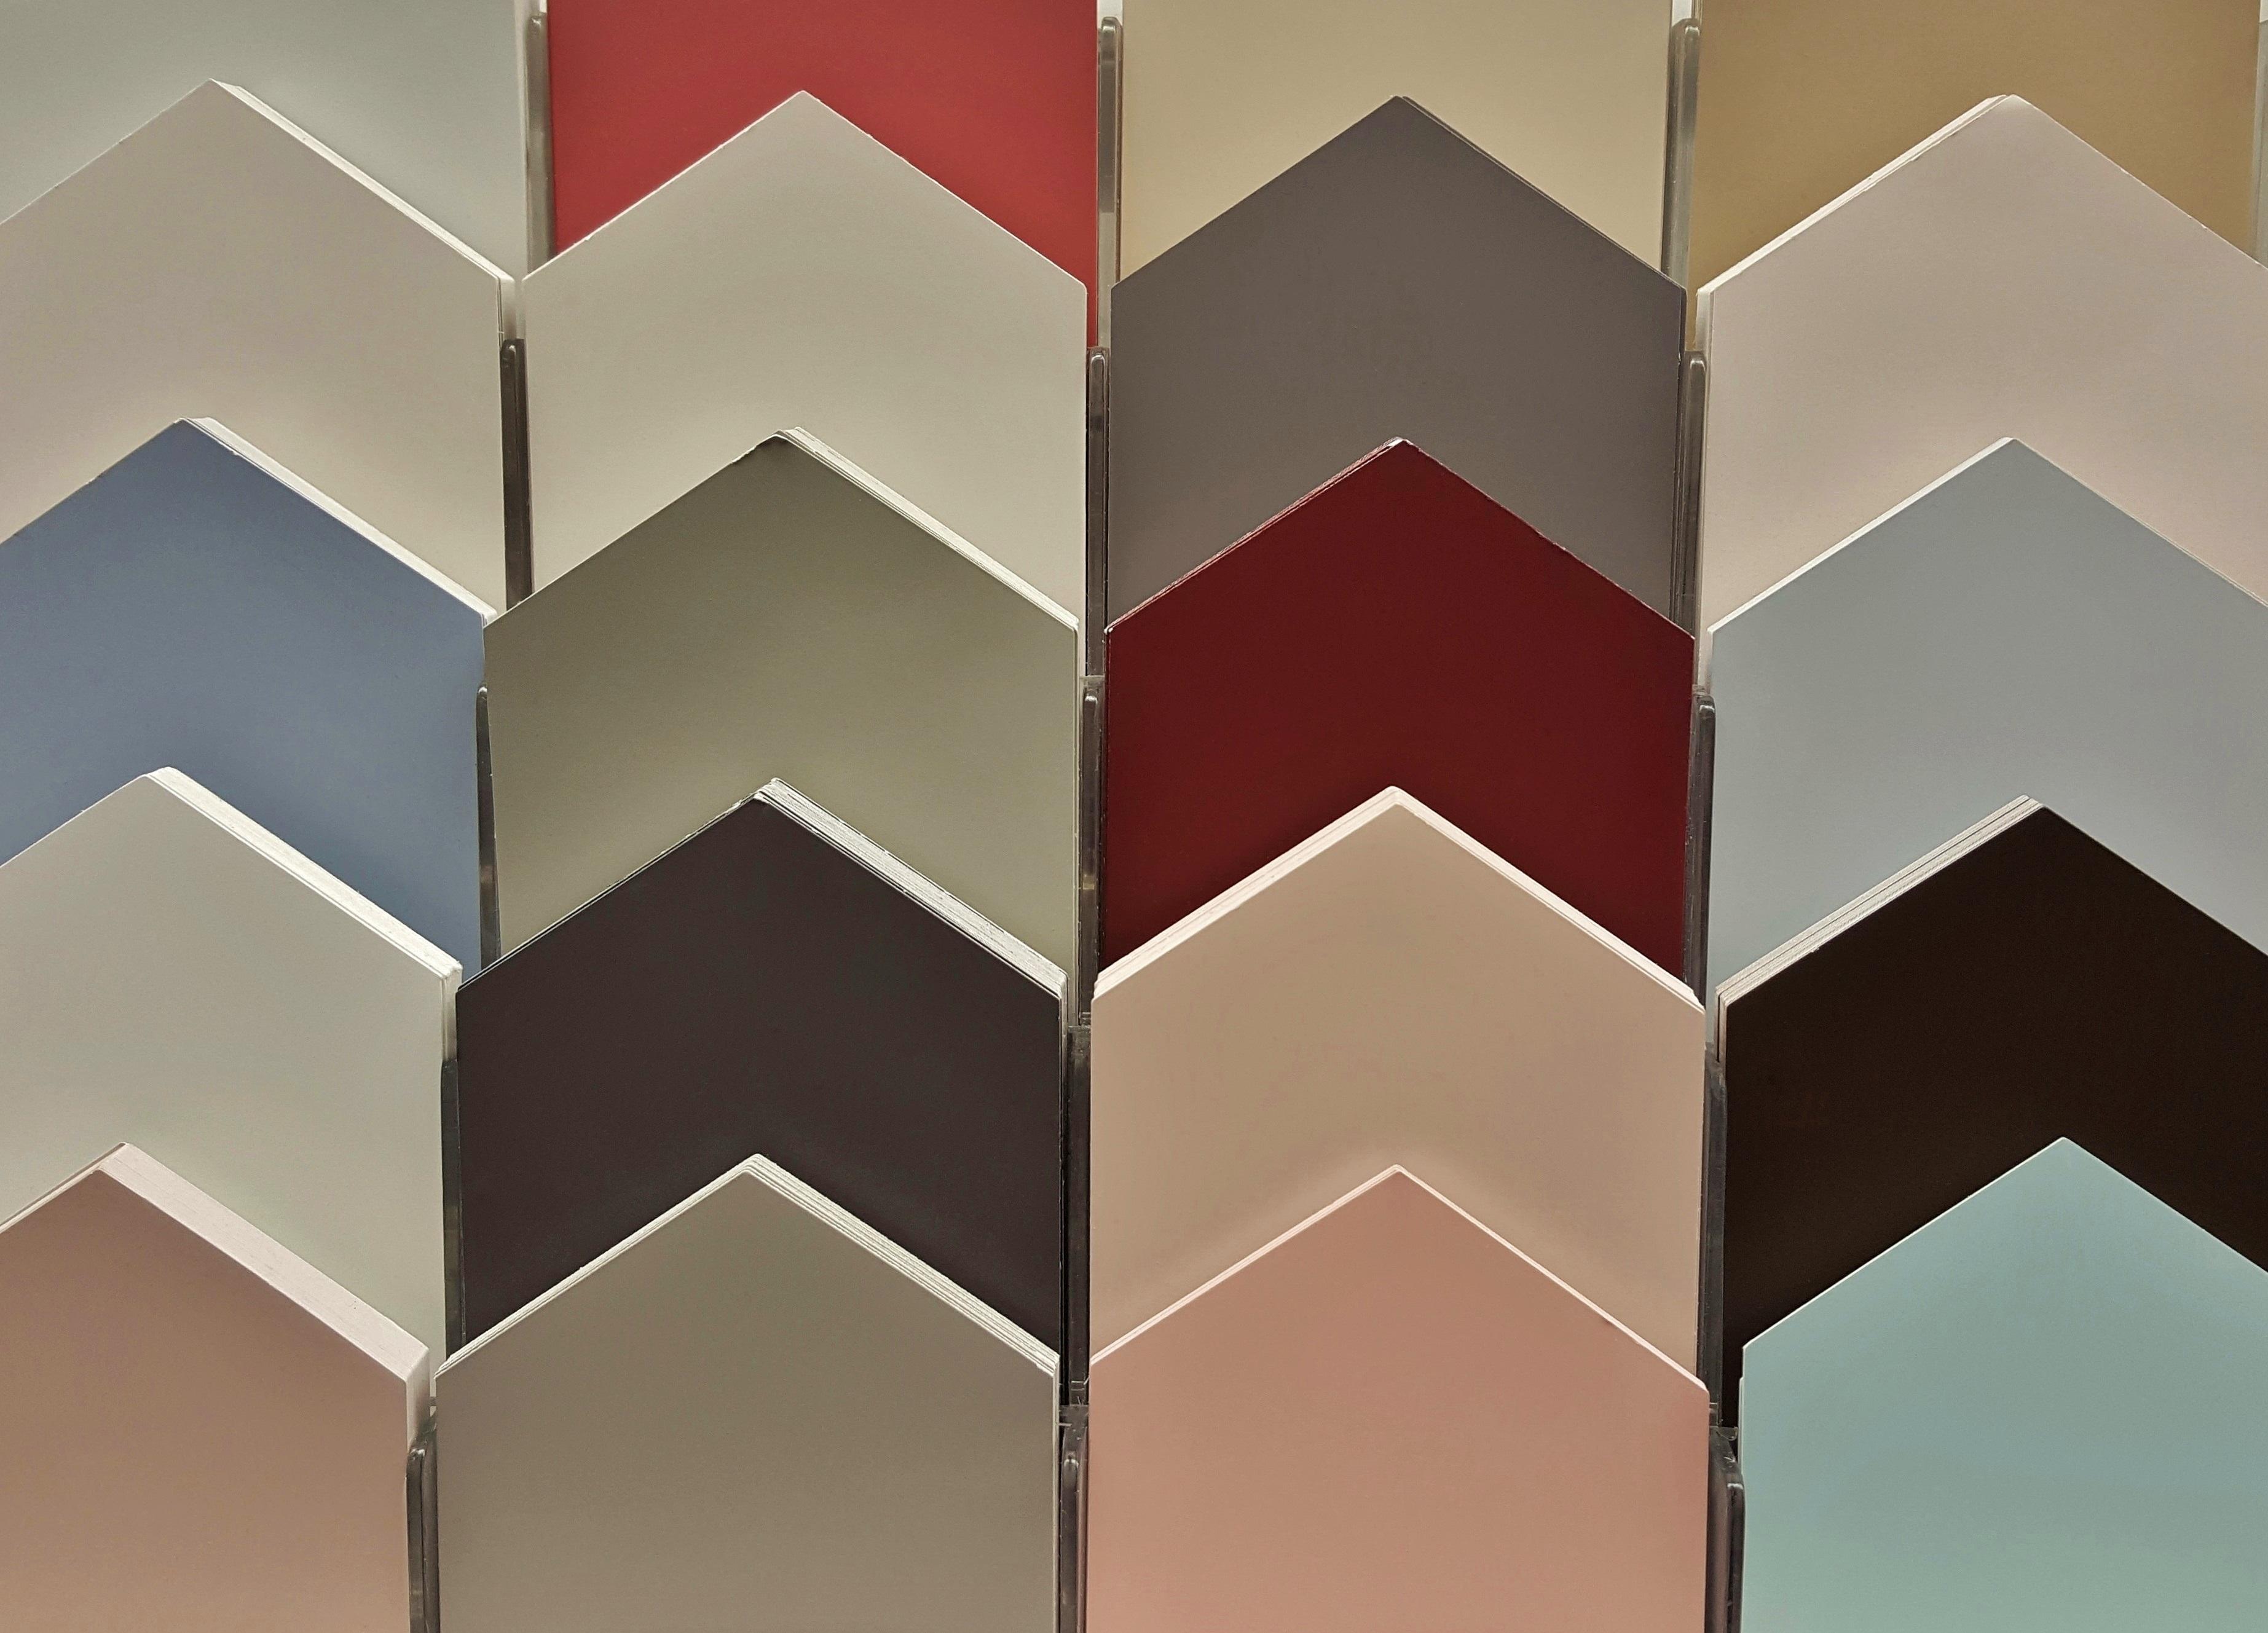 Peindre Triangle Sur Mur images gratuites : lumière, abstrait, texture, verre, mur